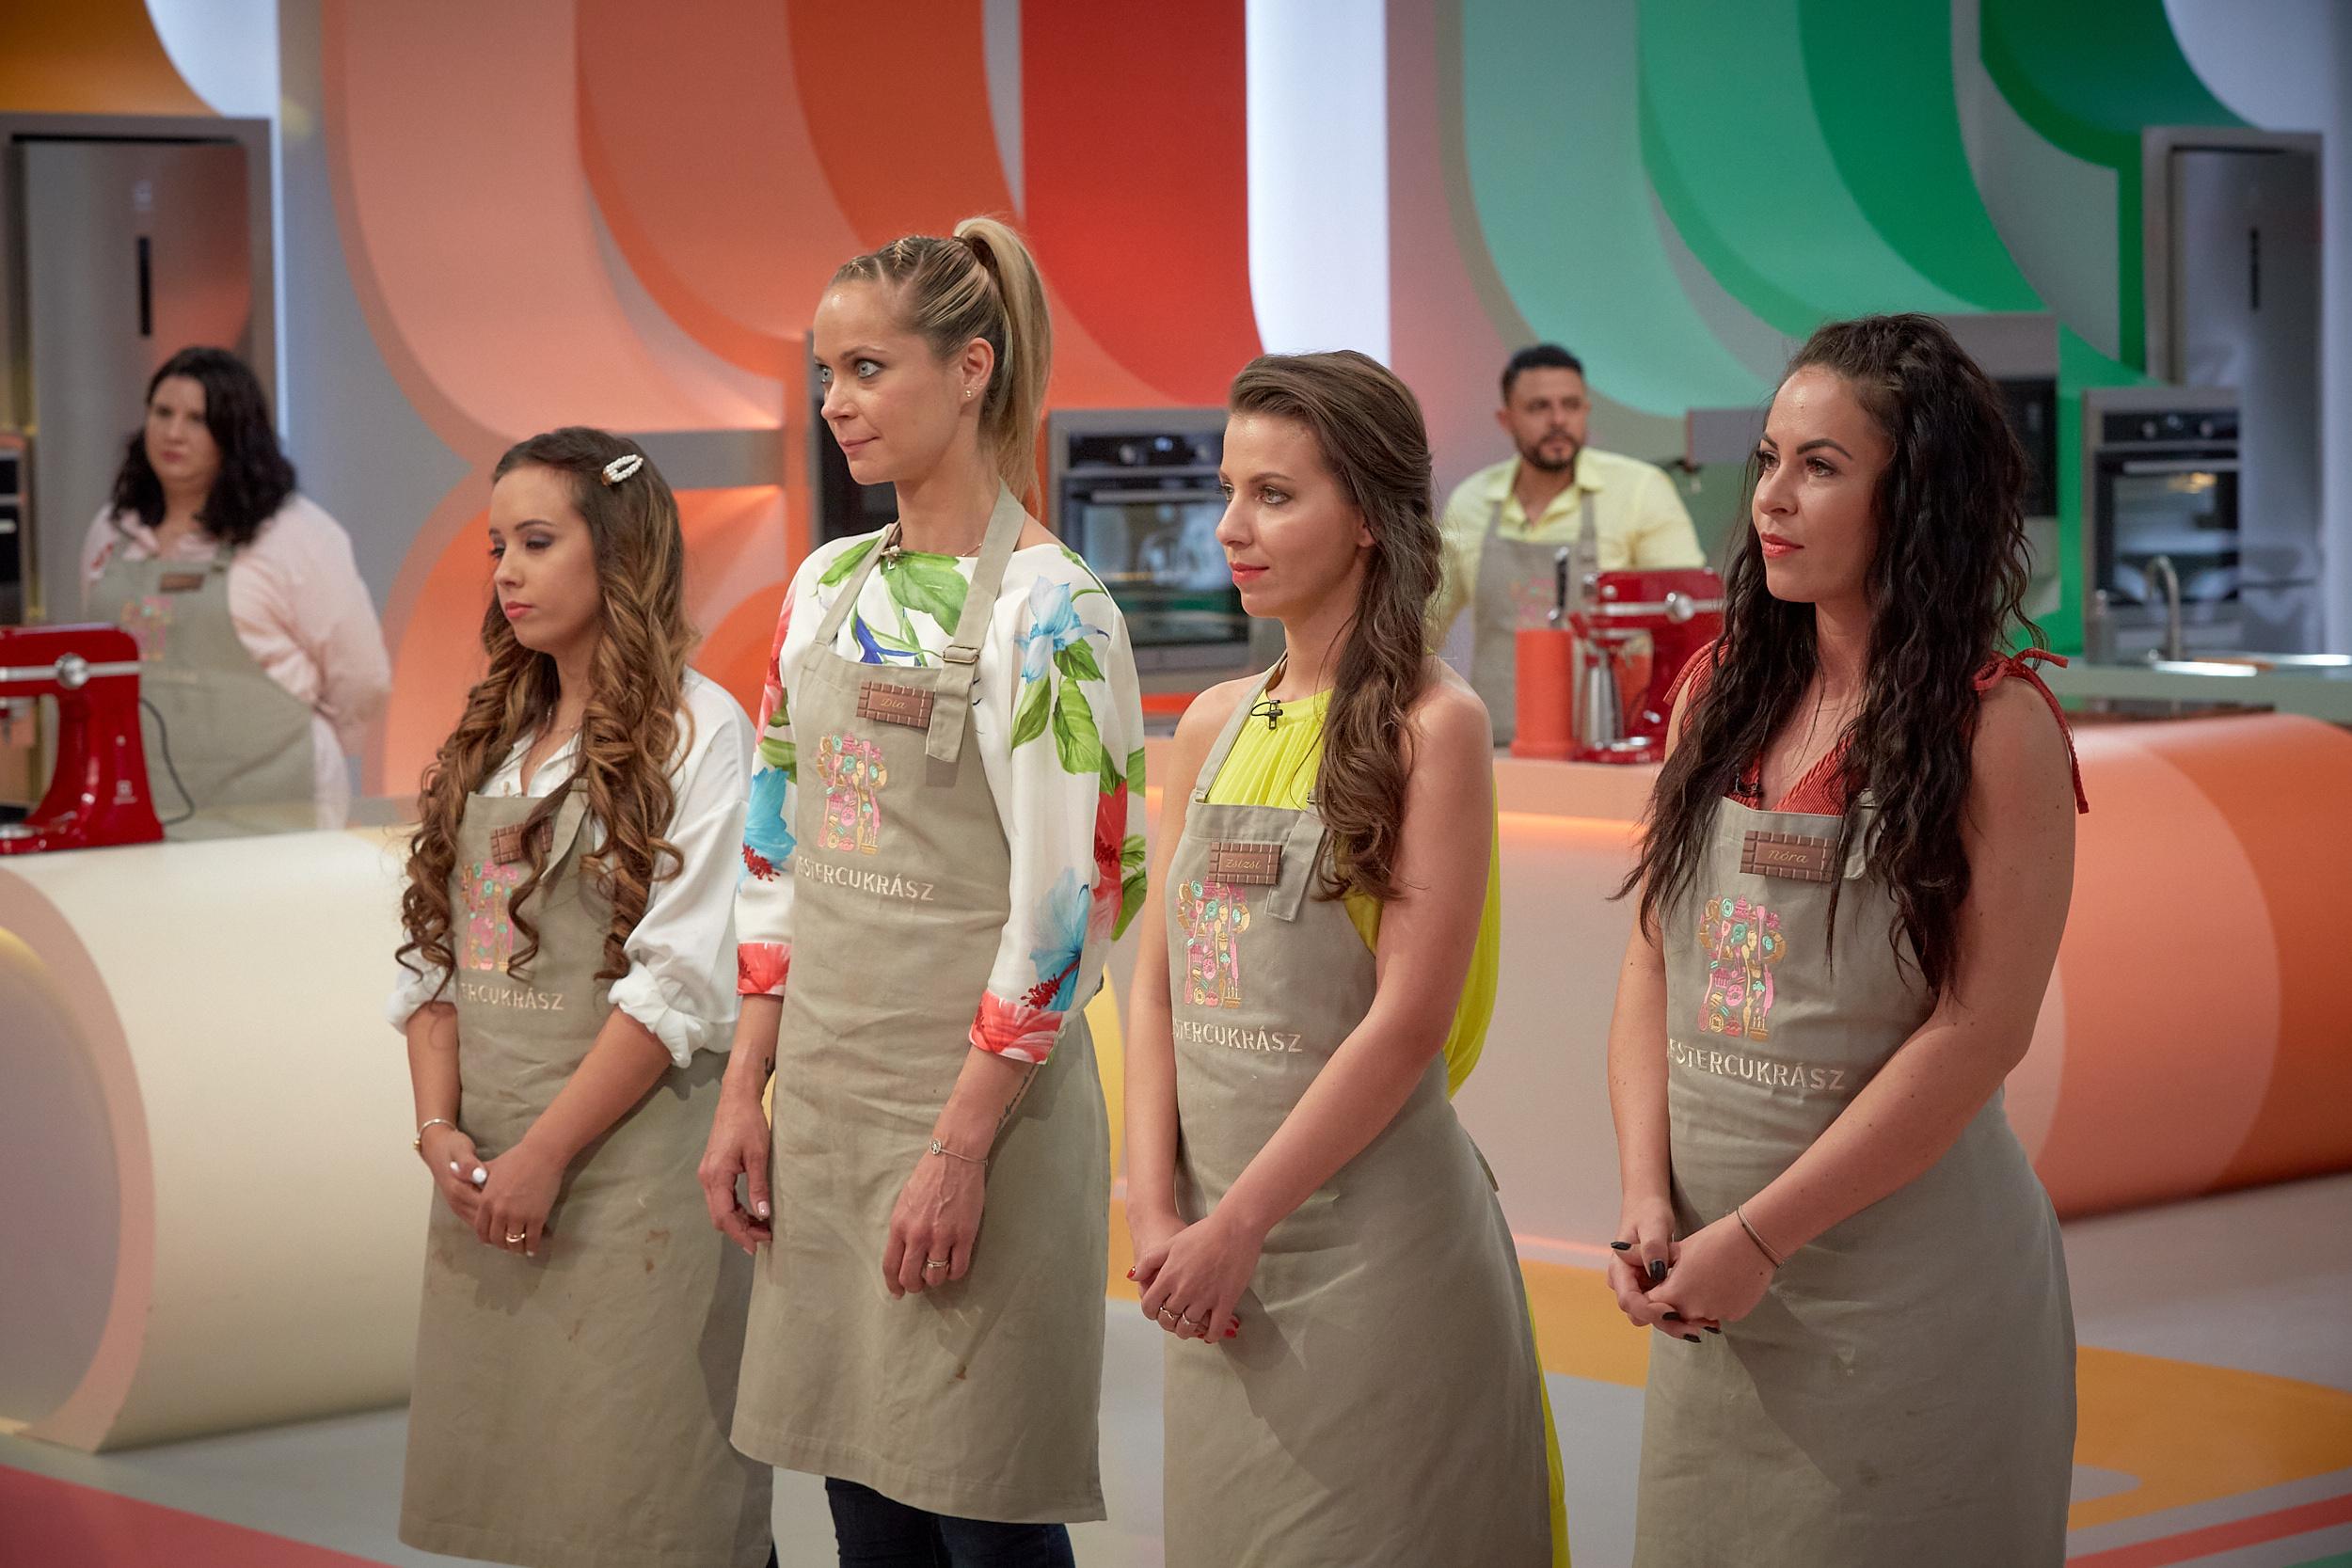 Felsorakoznak a női versenyzők (fotó: RTL Sajtóklub)